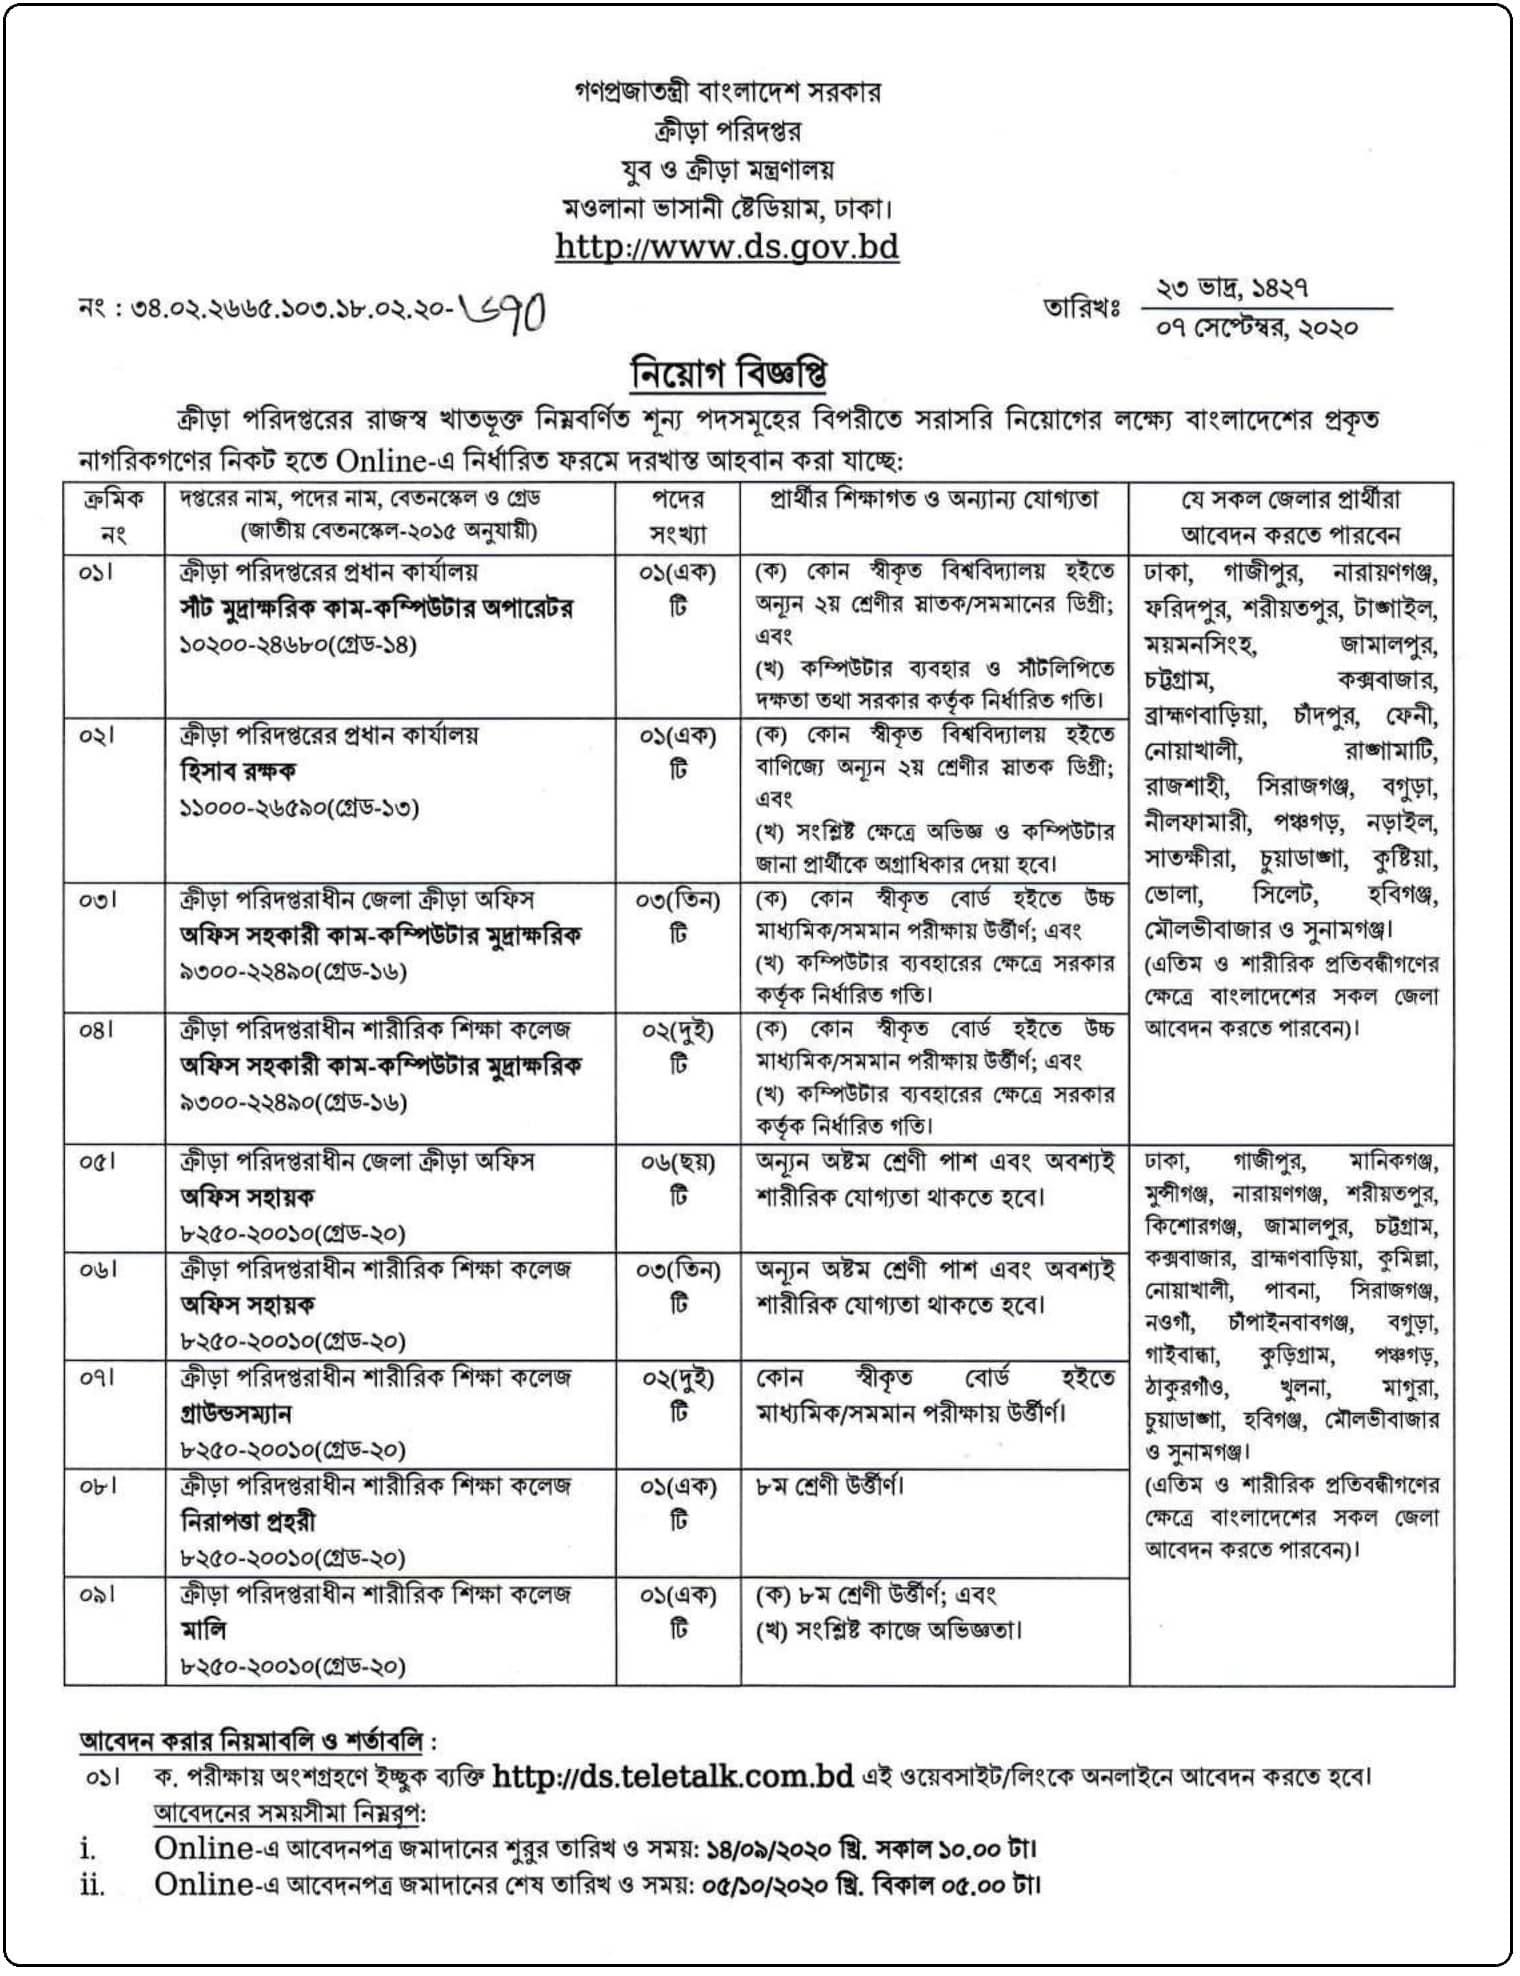 ক্রীড়া পরিদপ্তর নিয়োগ বিজ্ঞপ্তি | DS Job Circular 2020